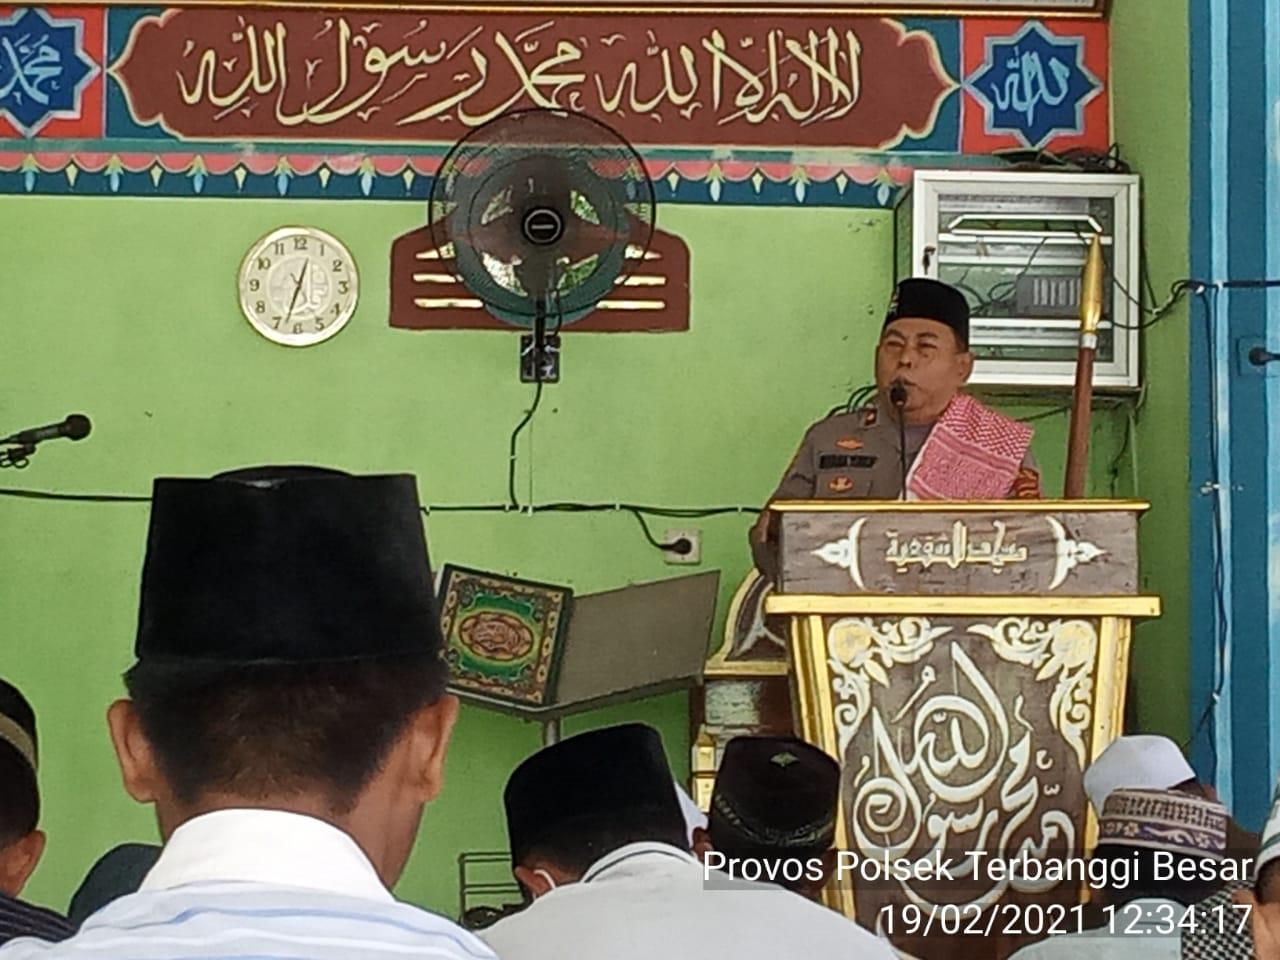 Kapolsek Terbanggi Besar Menjadi Khotib Di Masjid Asy-Syafi'iyah Kampung Karang Endah